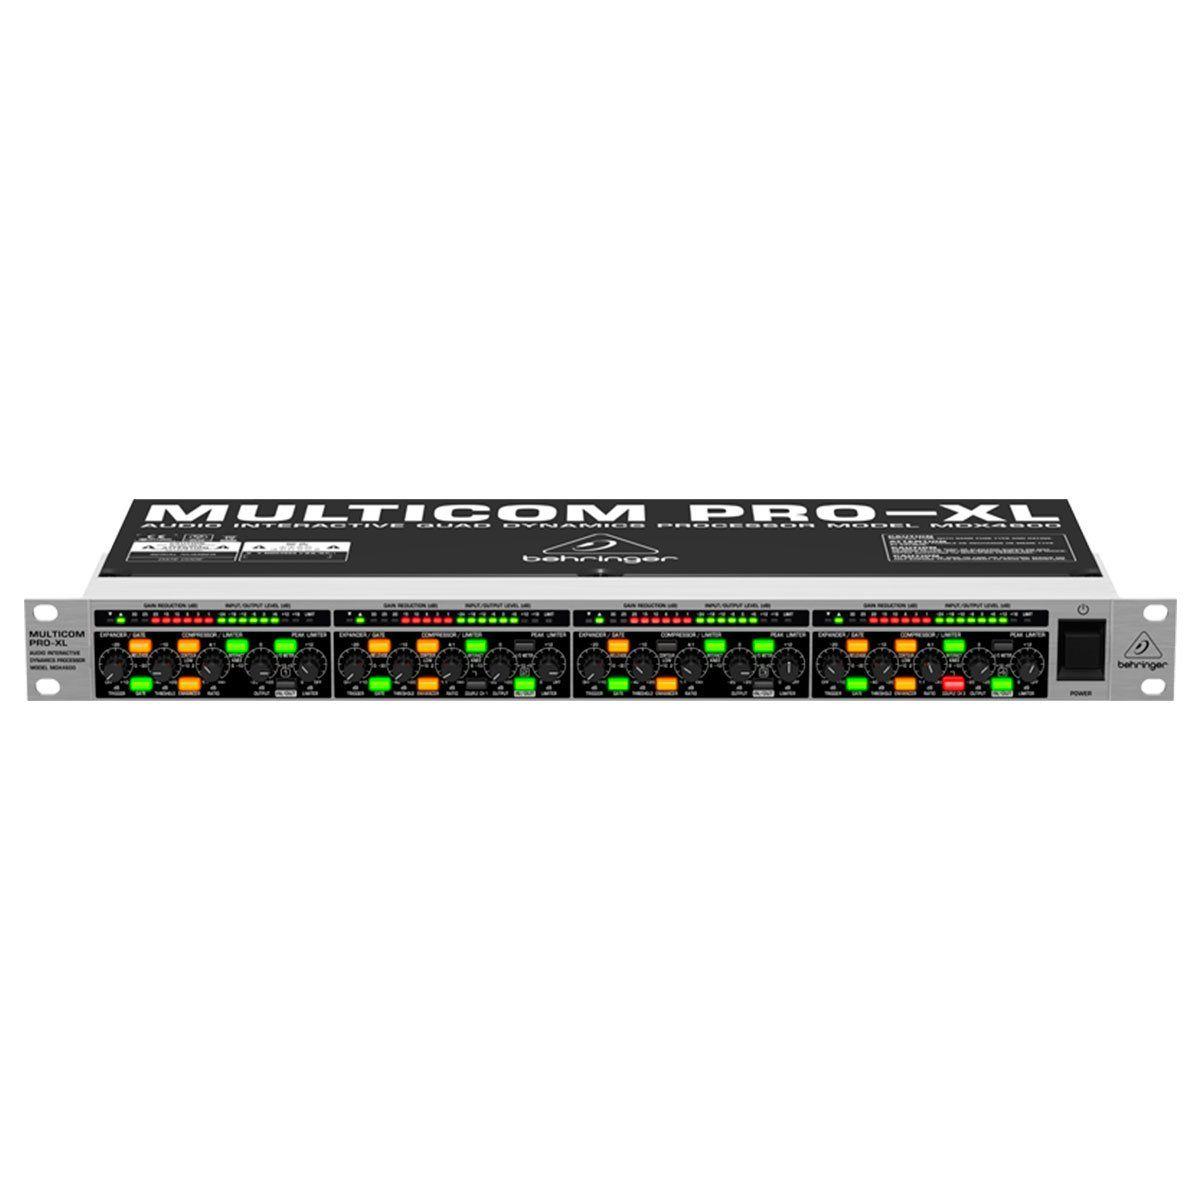 MDX4600 - Compressor 4 Canais Multicom PRO XL MDX 4600 - Behringer